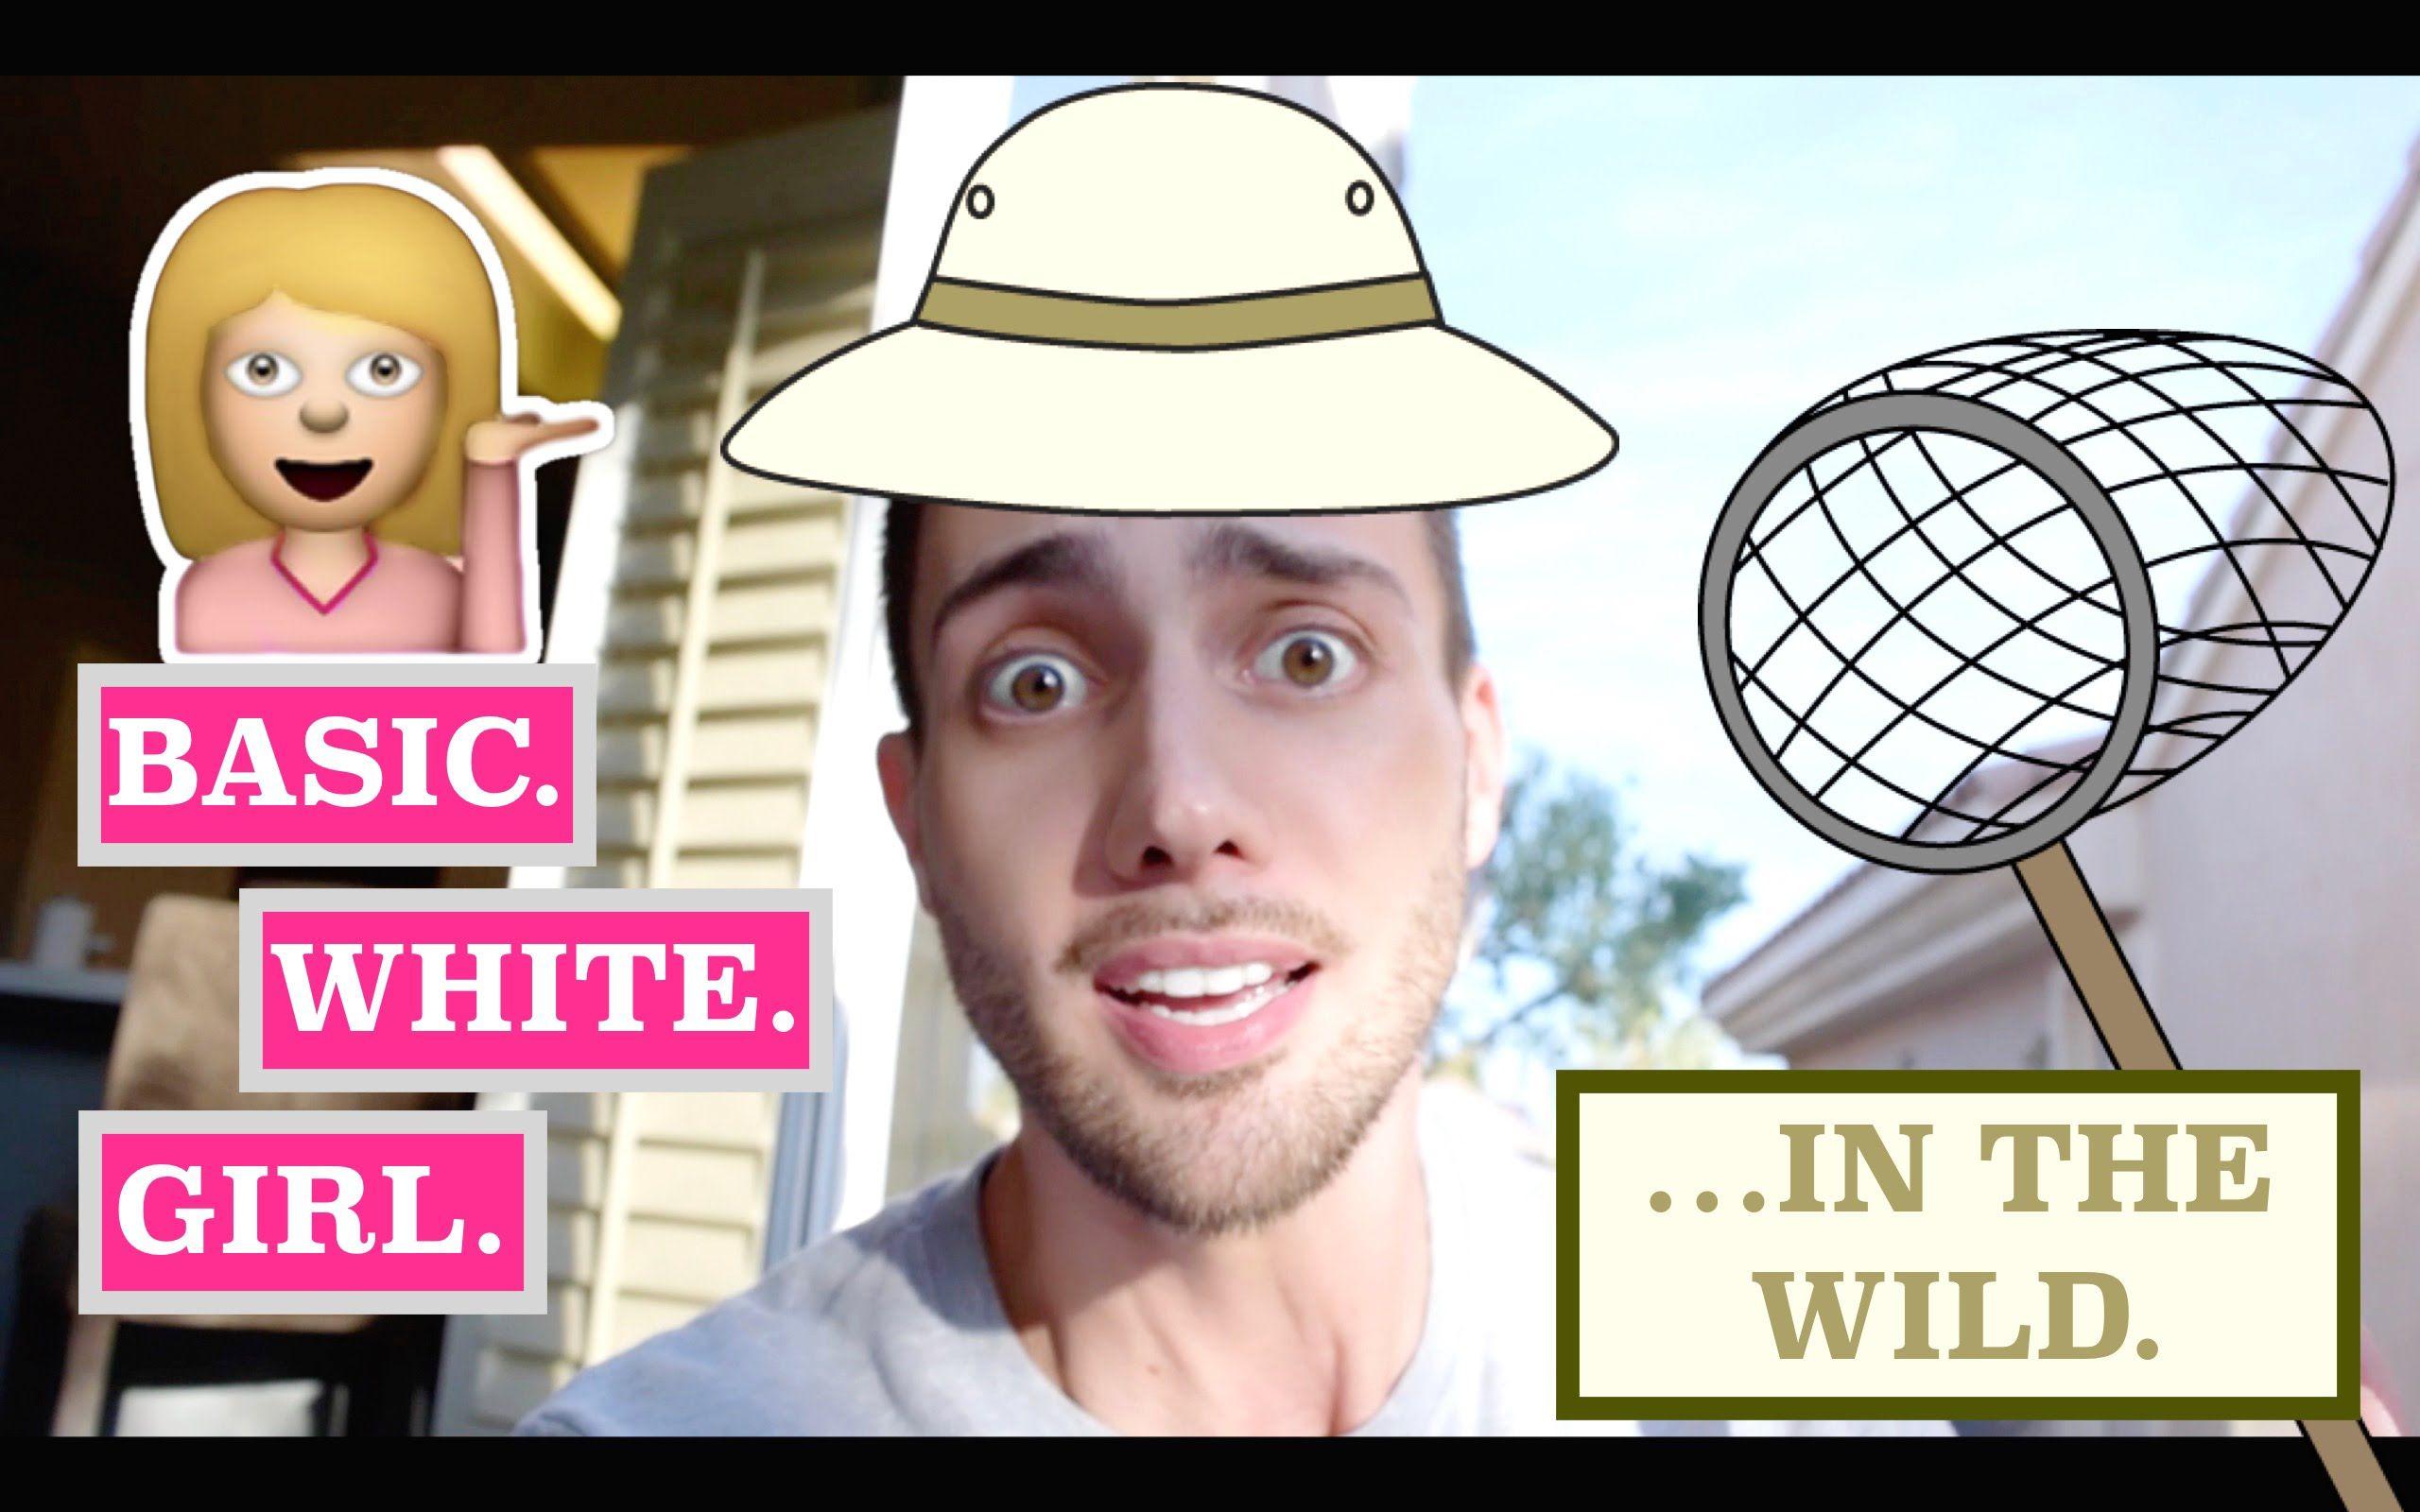 Basic white girl in the wild basic white girl white